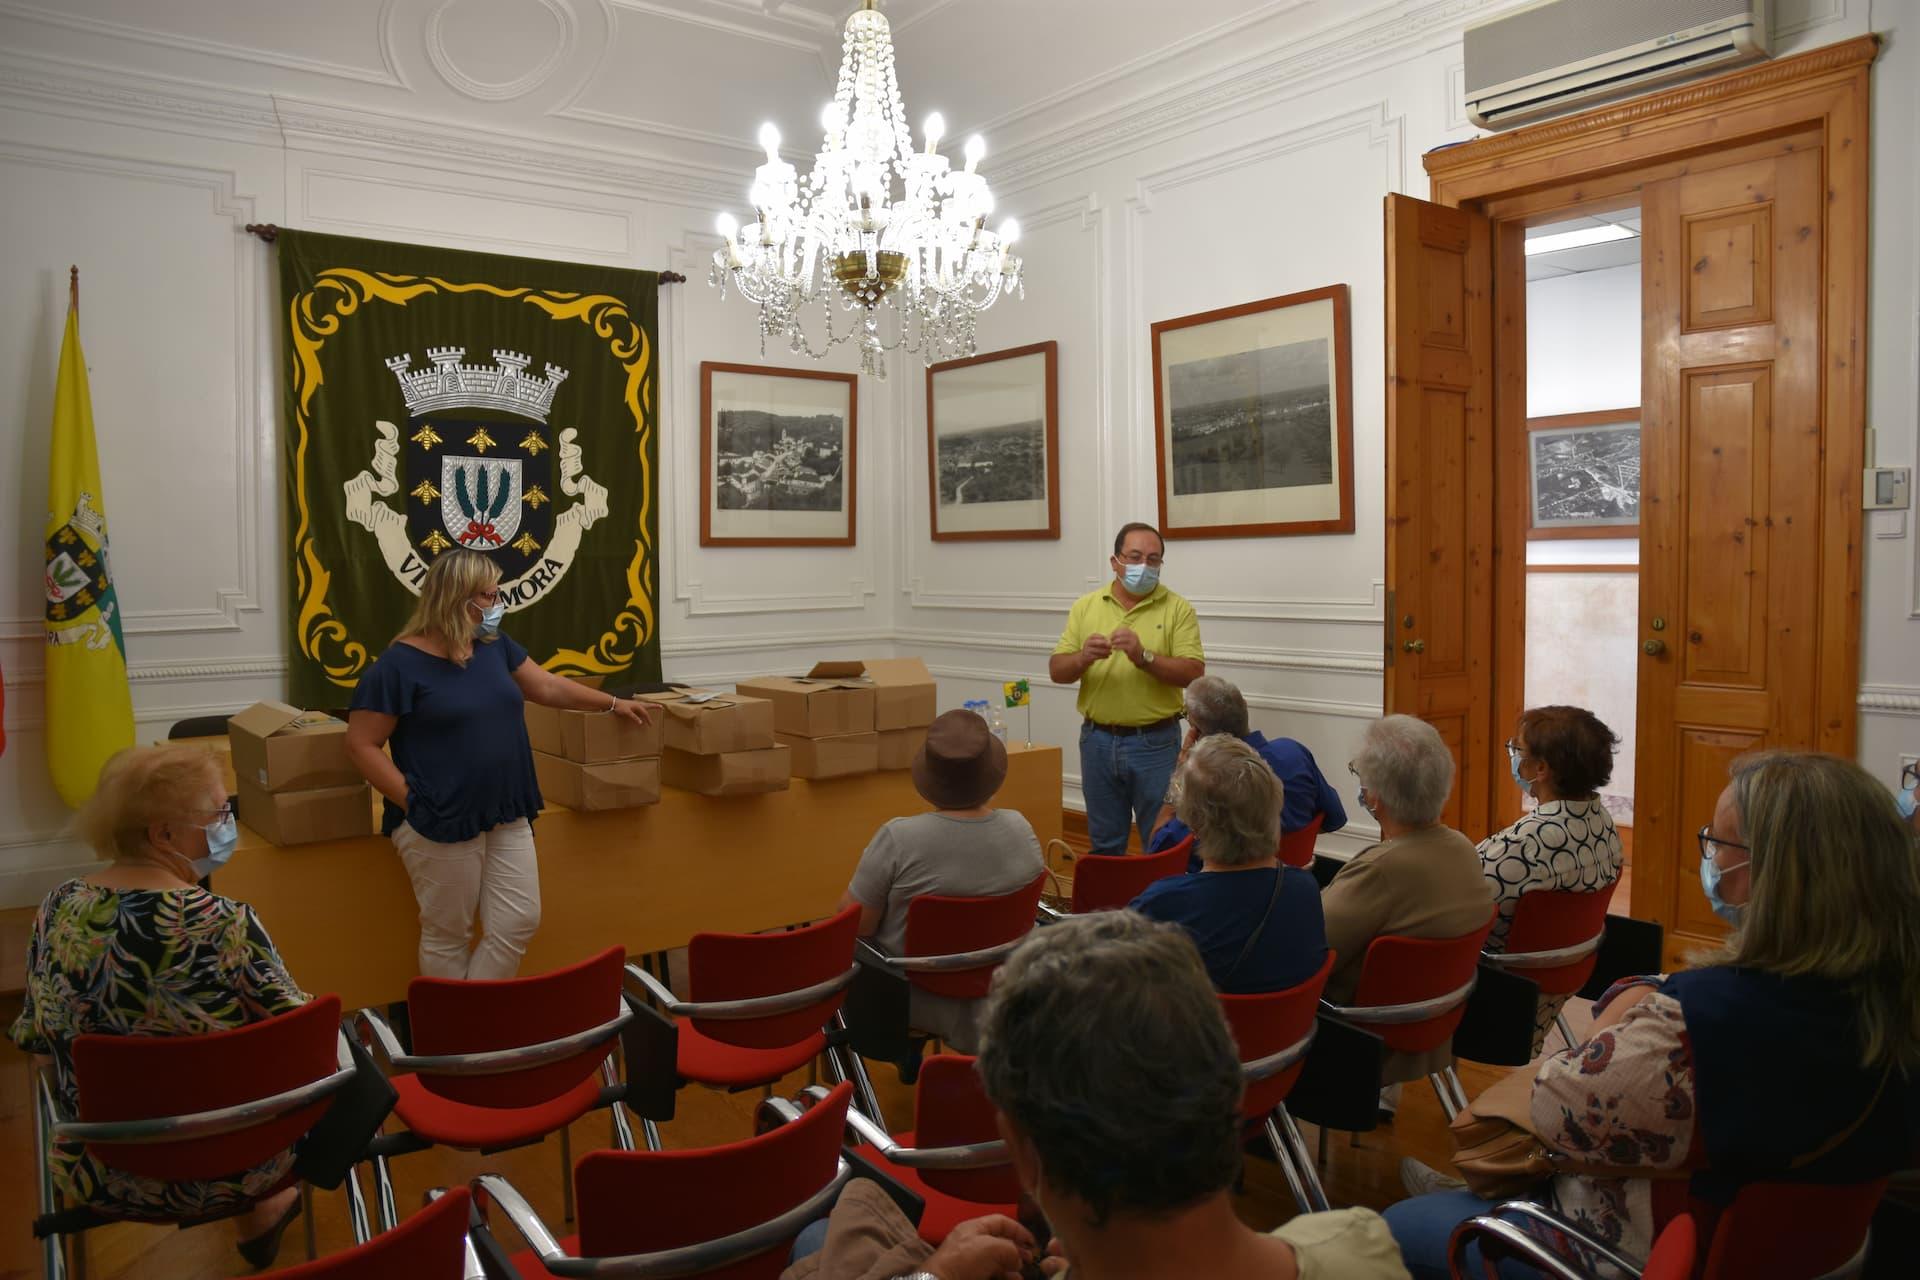 Câmara Municipal de Mora promove atividade dos Grupos de Cantares e Rancho Folclórico